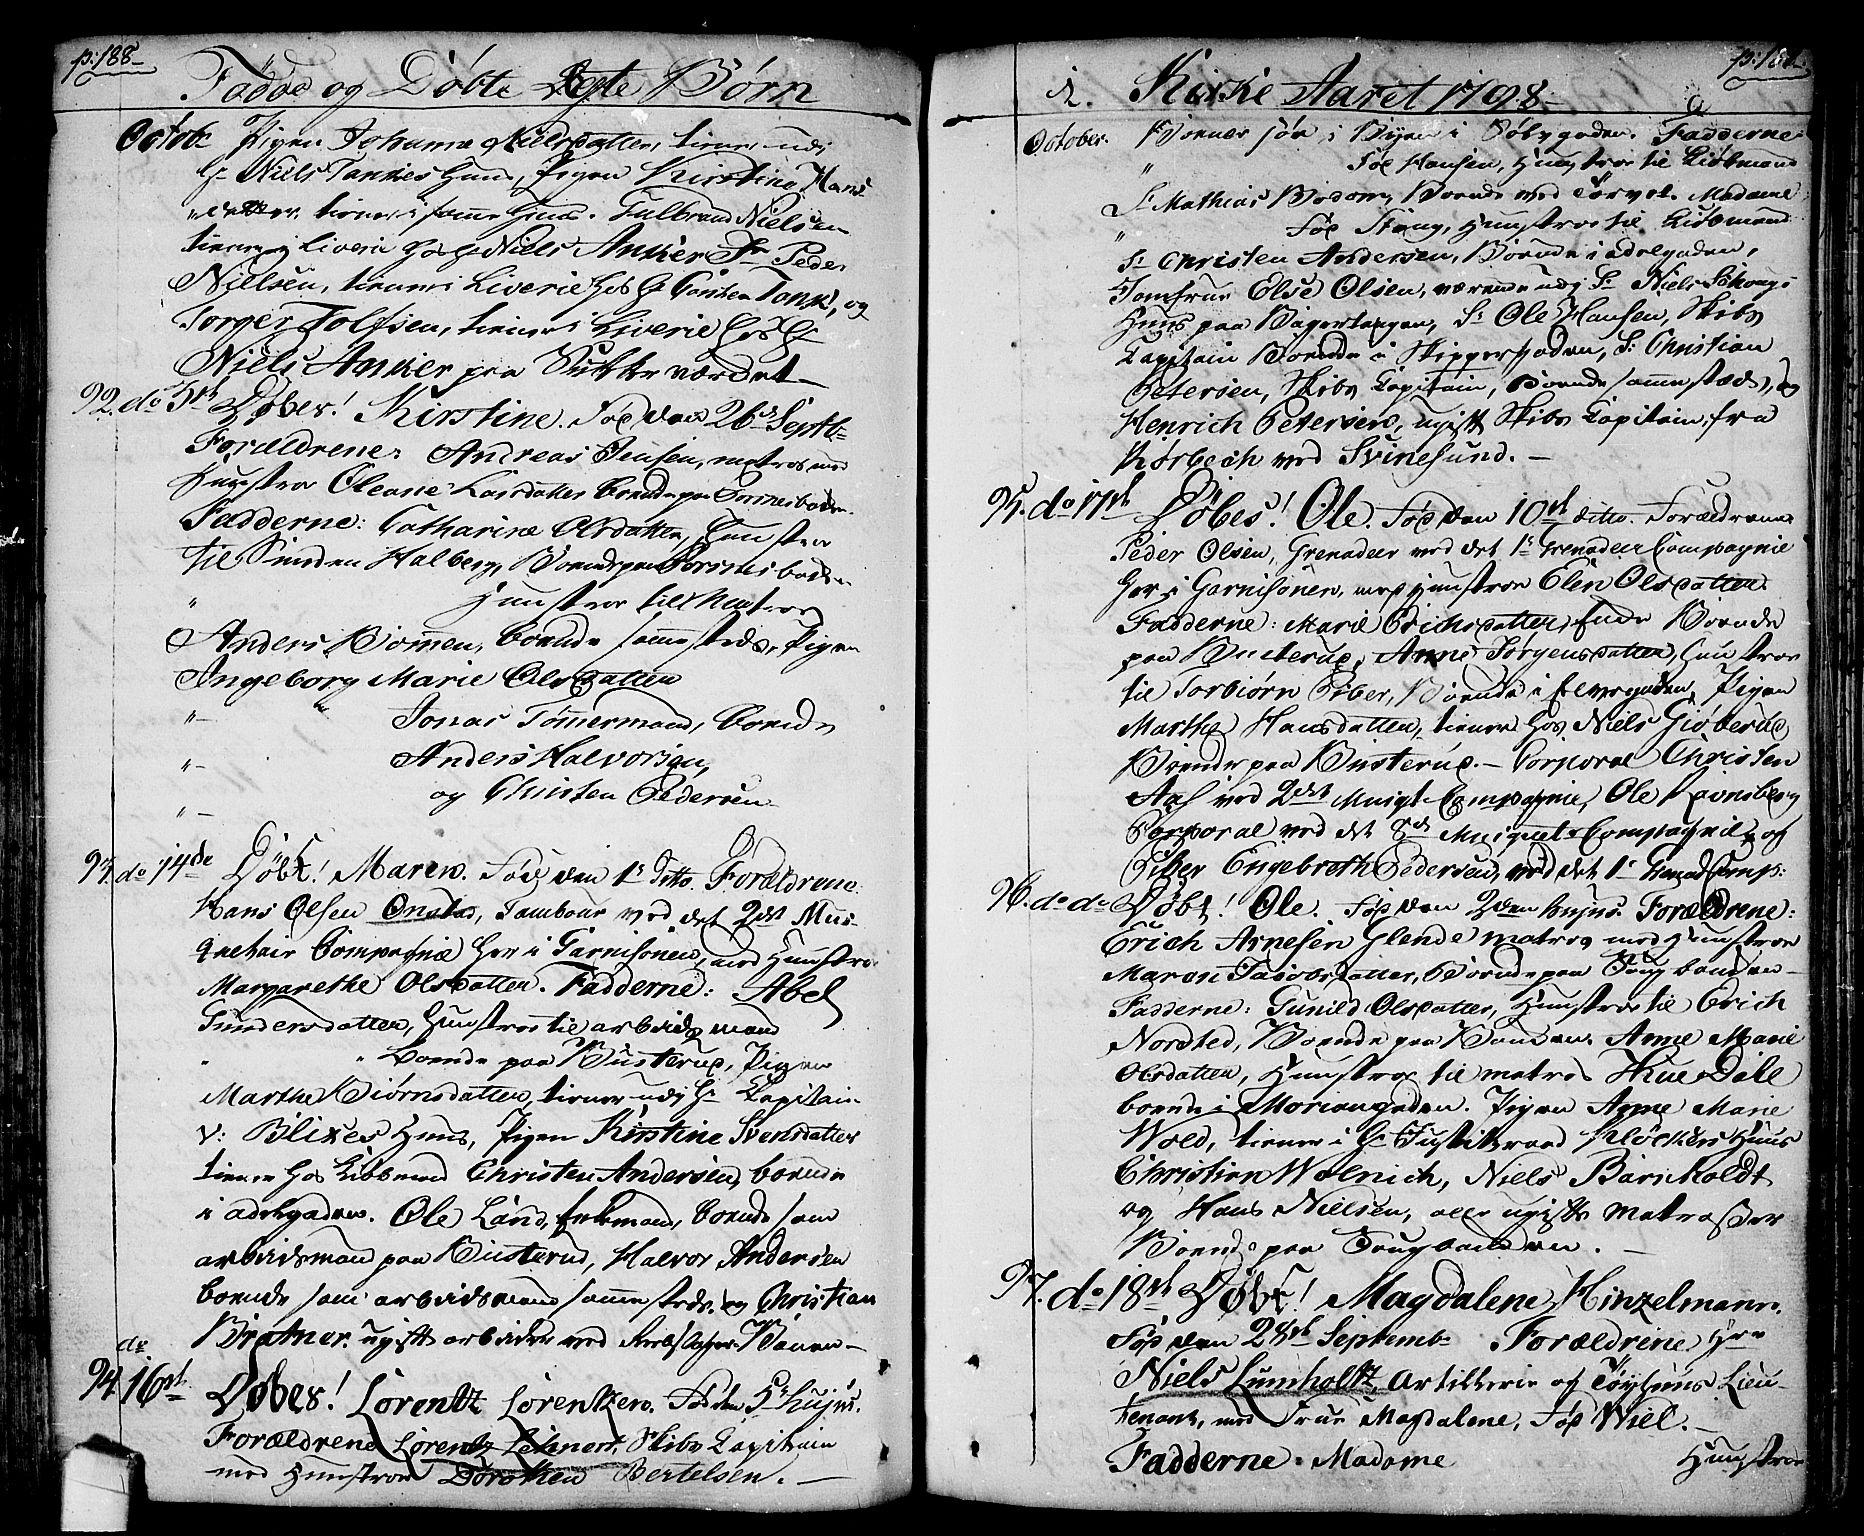 SAO, Halden prestekontor Kirkebøker, F/Fa/L0002: Ministerialbok nr. I 2, 1792-1812, s. 188-189